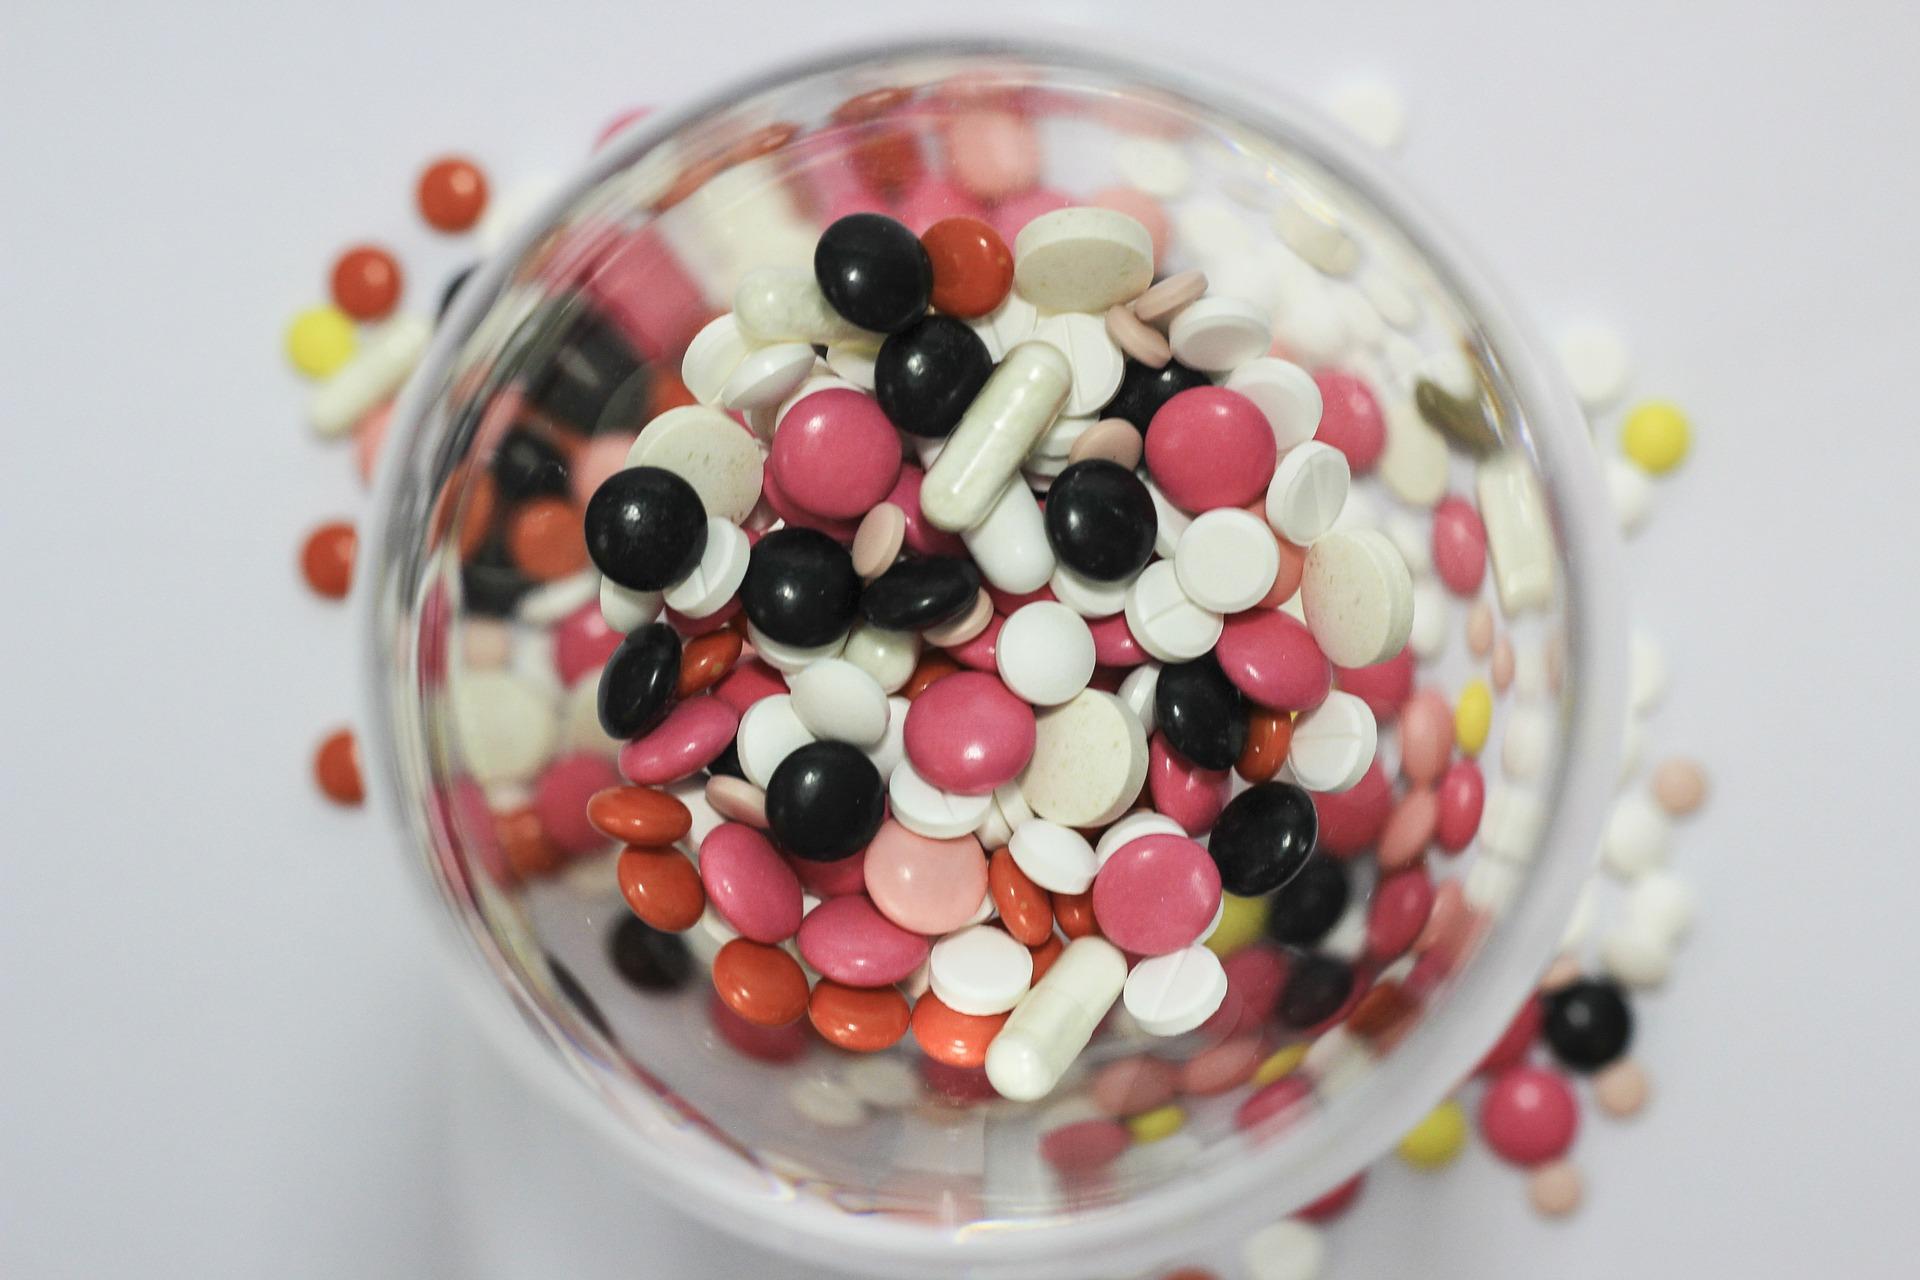 Medicamentos e sustentabilidade